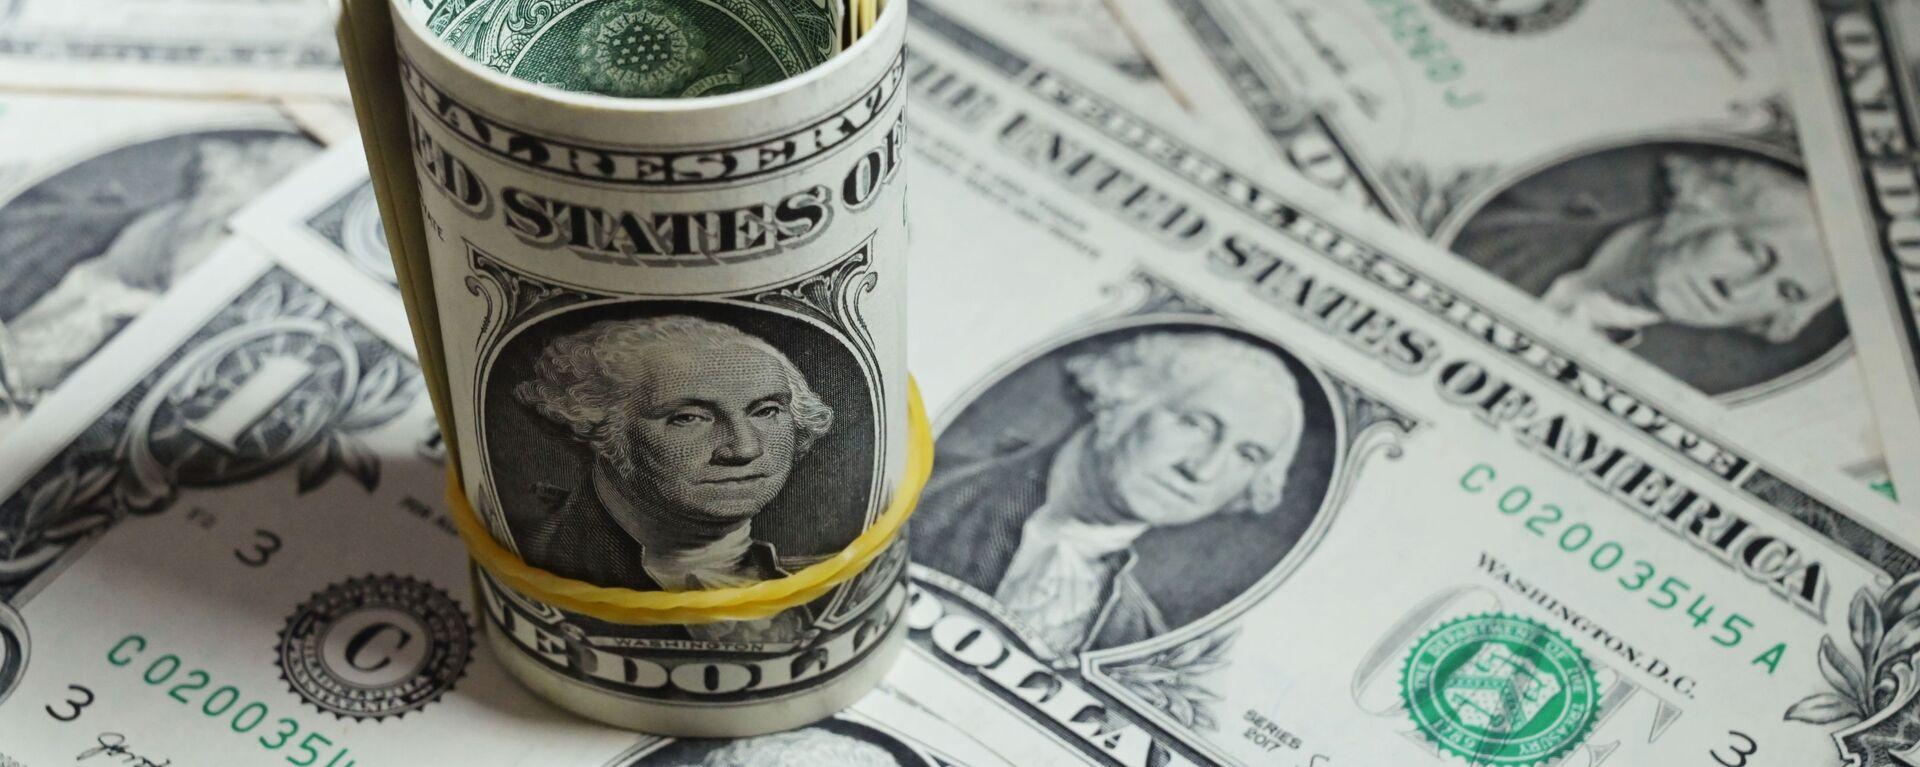 Доллары США - Sputnik Беларусь, 1920, 21.05.2021